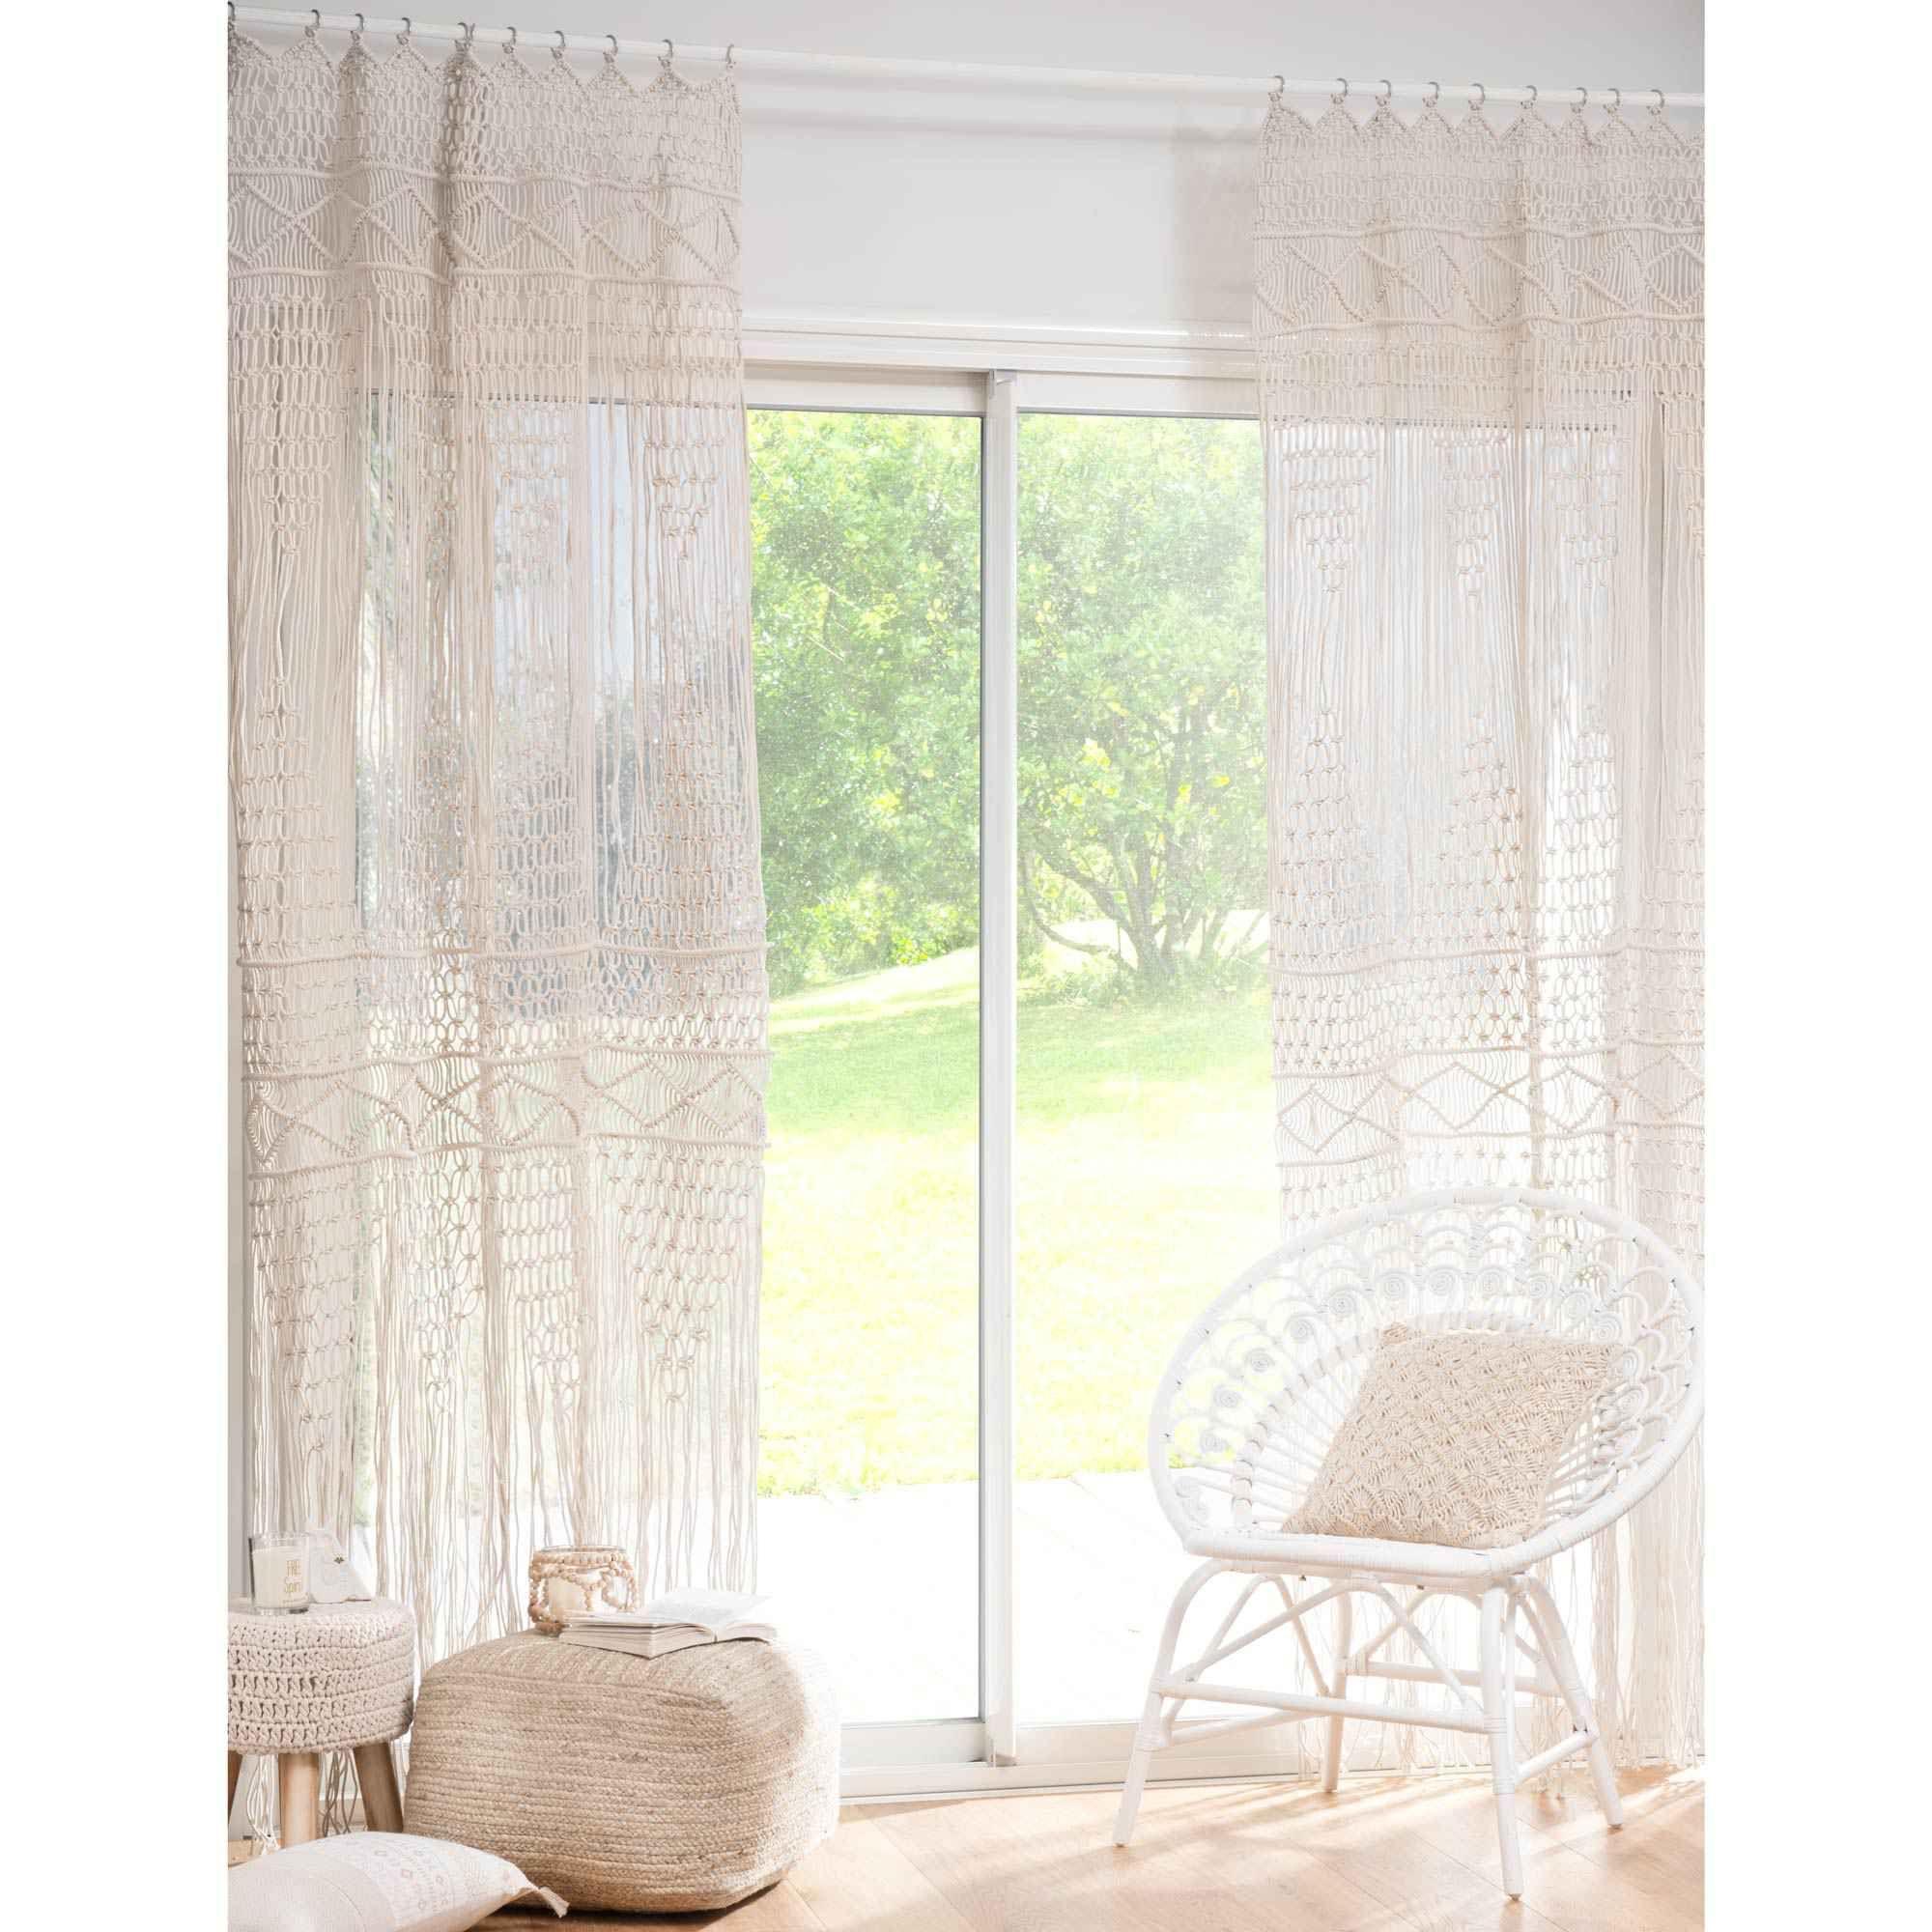 rideau macram en coton cru 105x250cm rideaux macram macram et coton. Black Bedroom Furniture Sets. Home Design Ideas